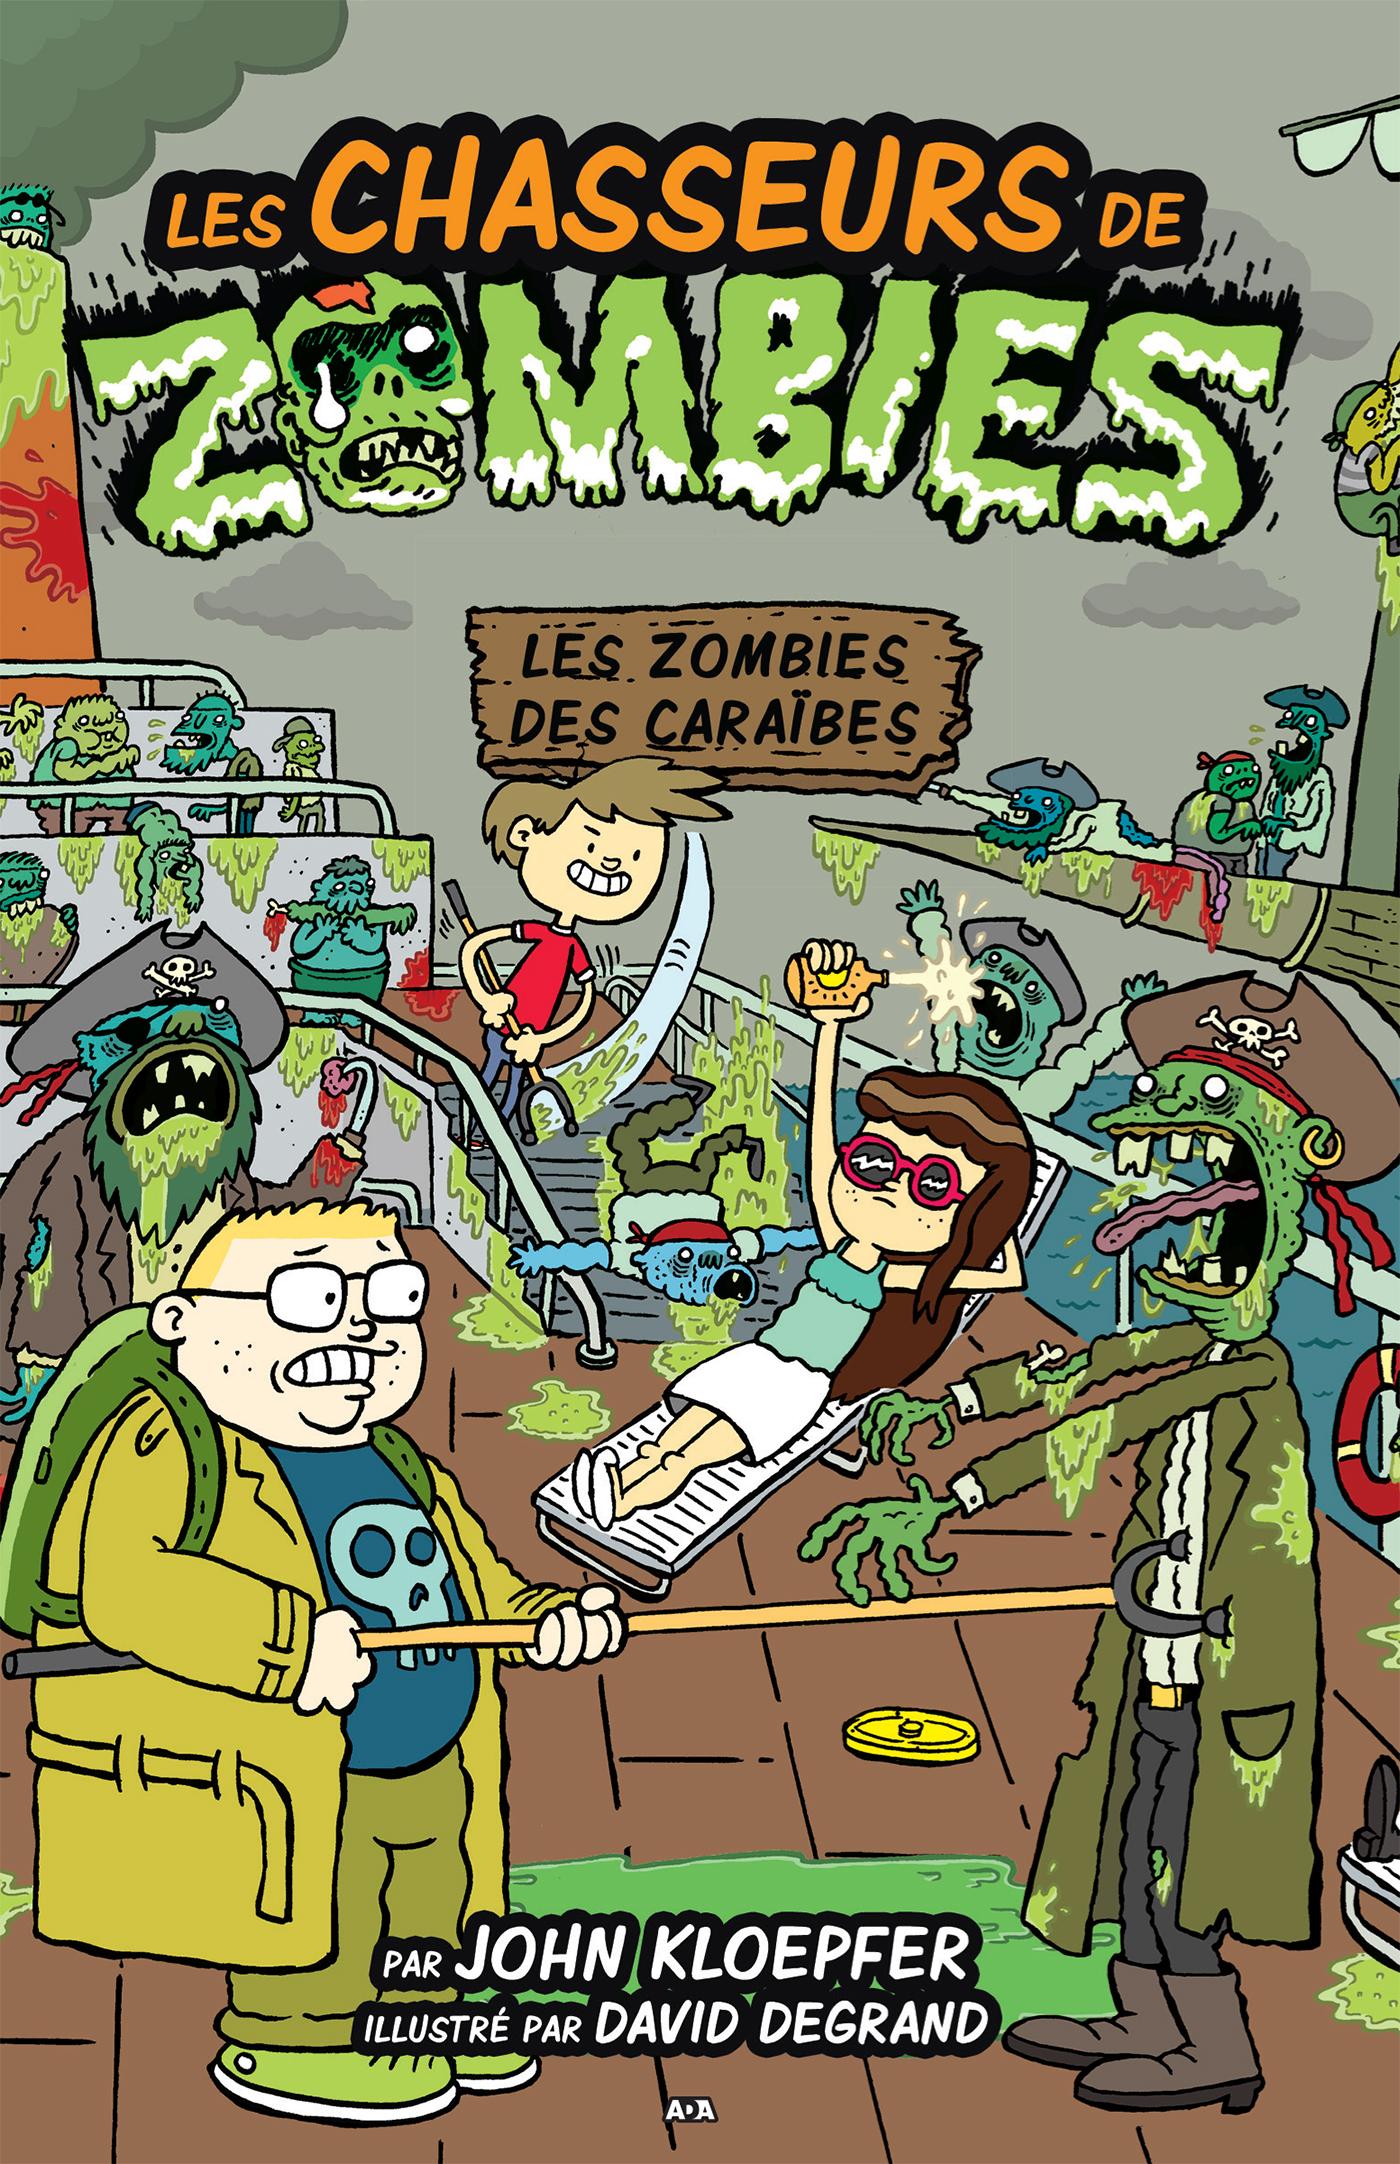 Les chasseurs de zombies, Les zombies des Caraïbes